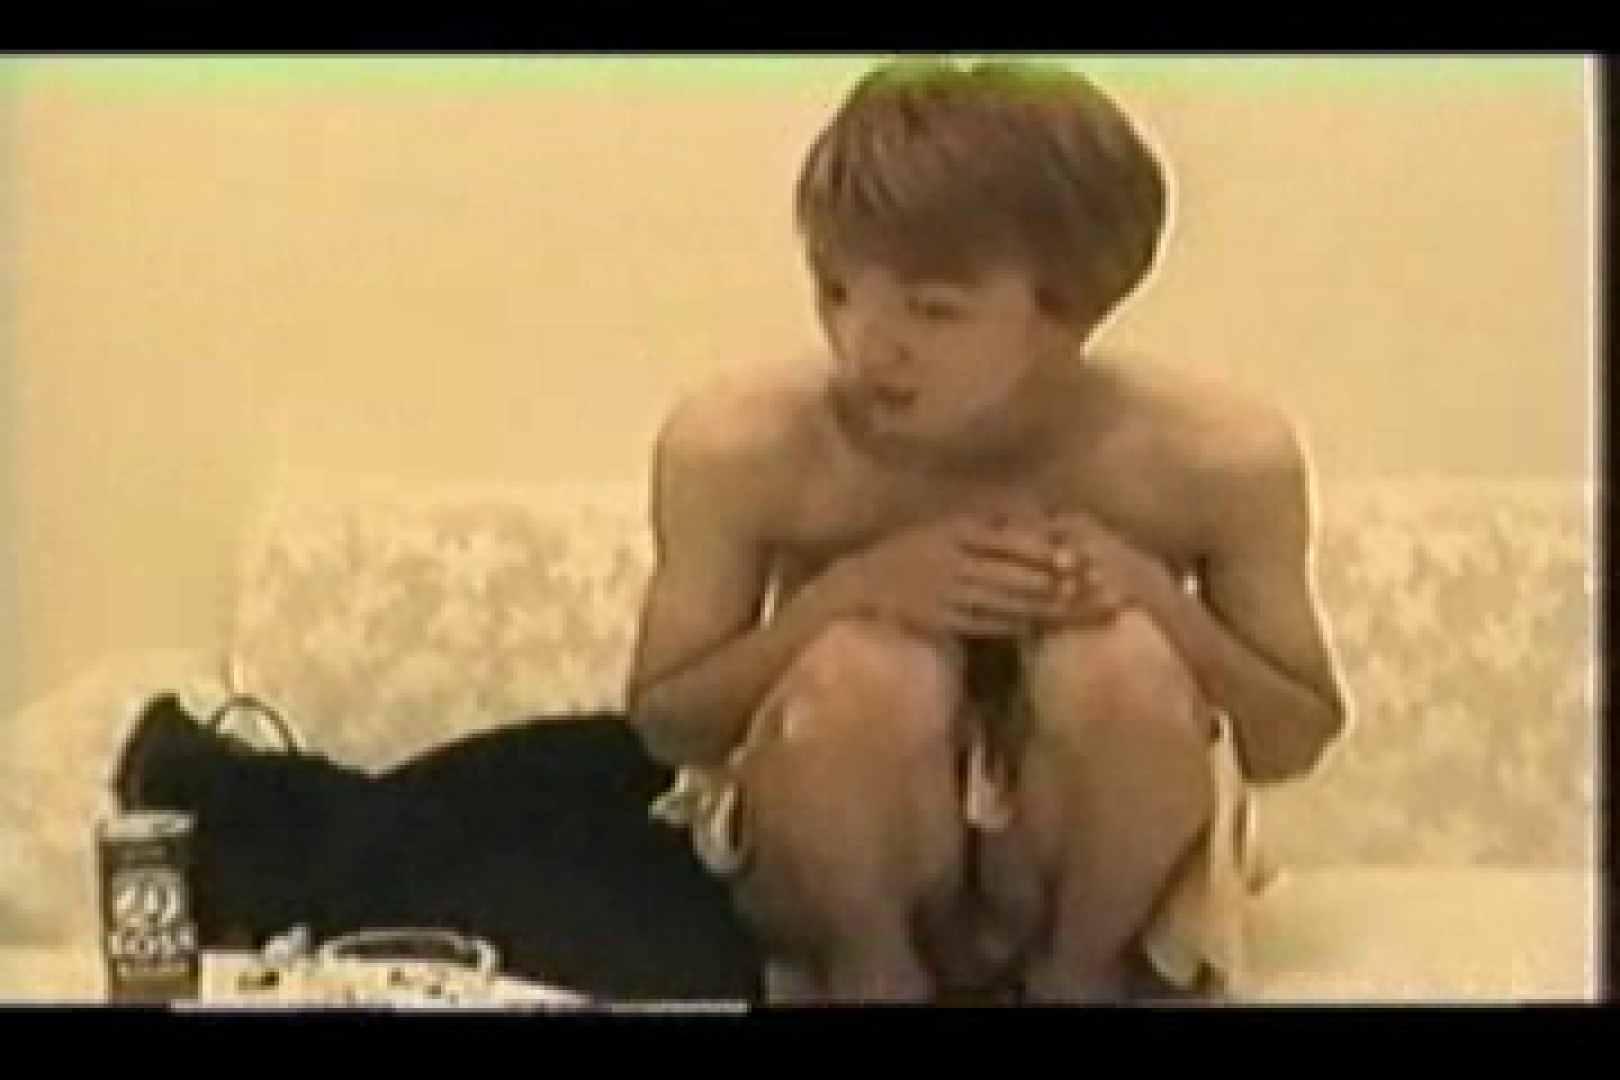 【個人買取】今週のお宝発見!往年の話題作!part.01 お口で! 男同士動画 112pic 28